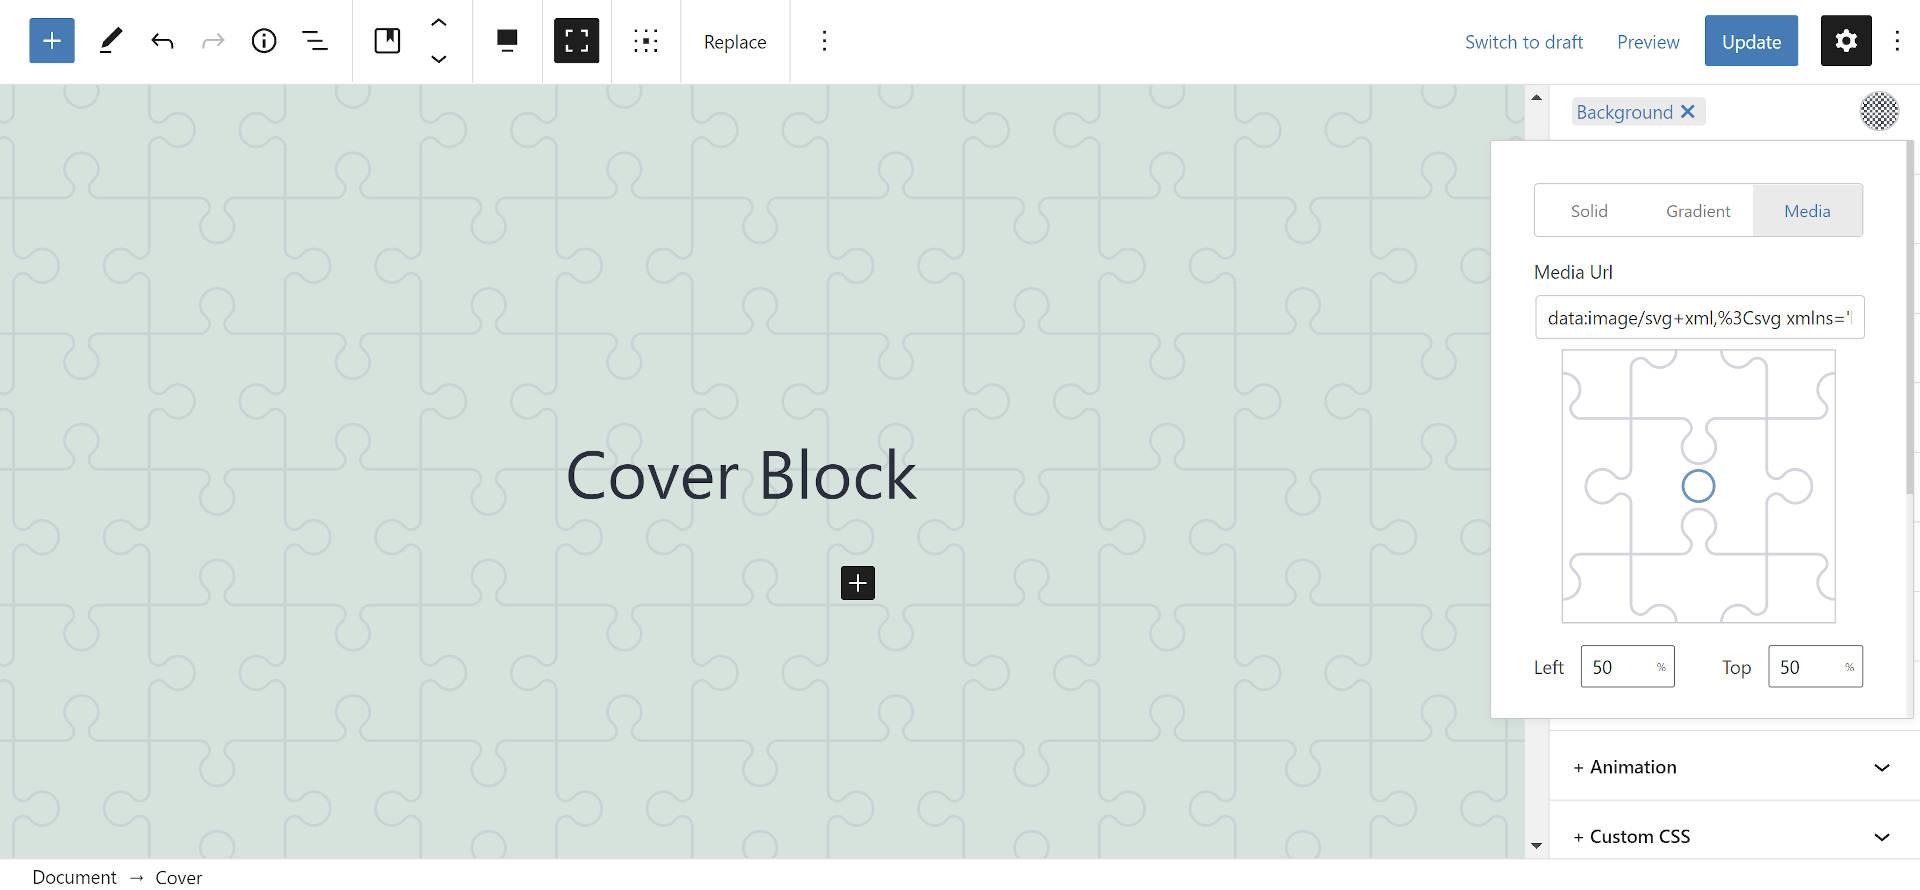 Imagem de fundo SVG no bloco de capa no editor WordPress.